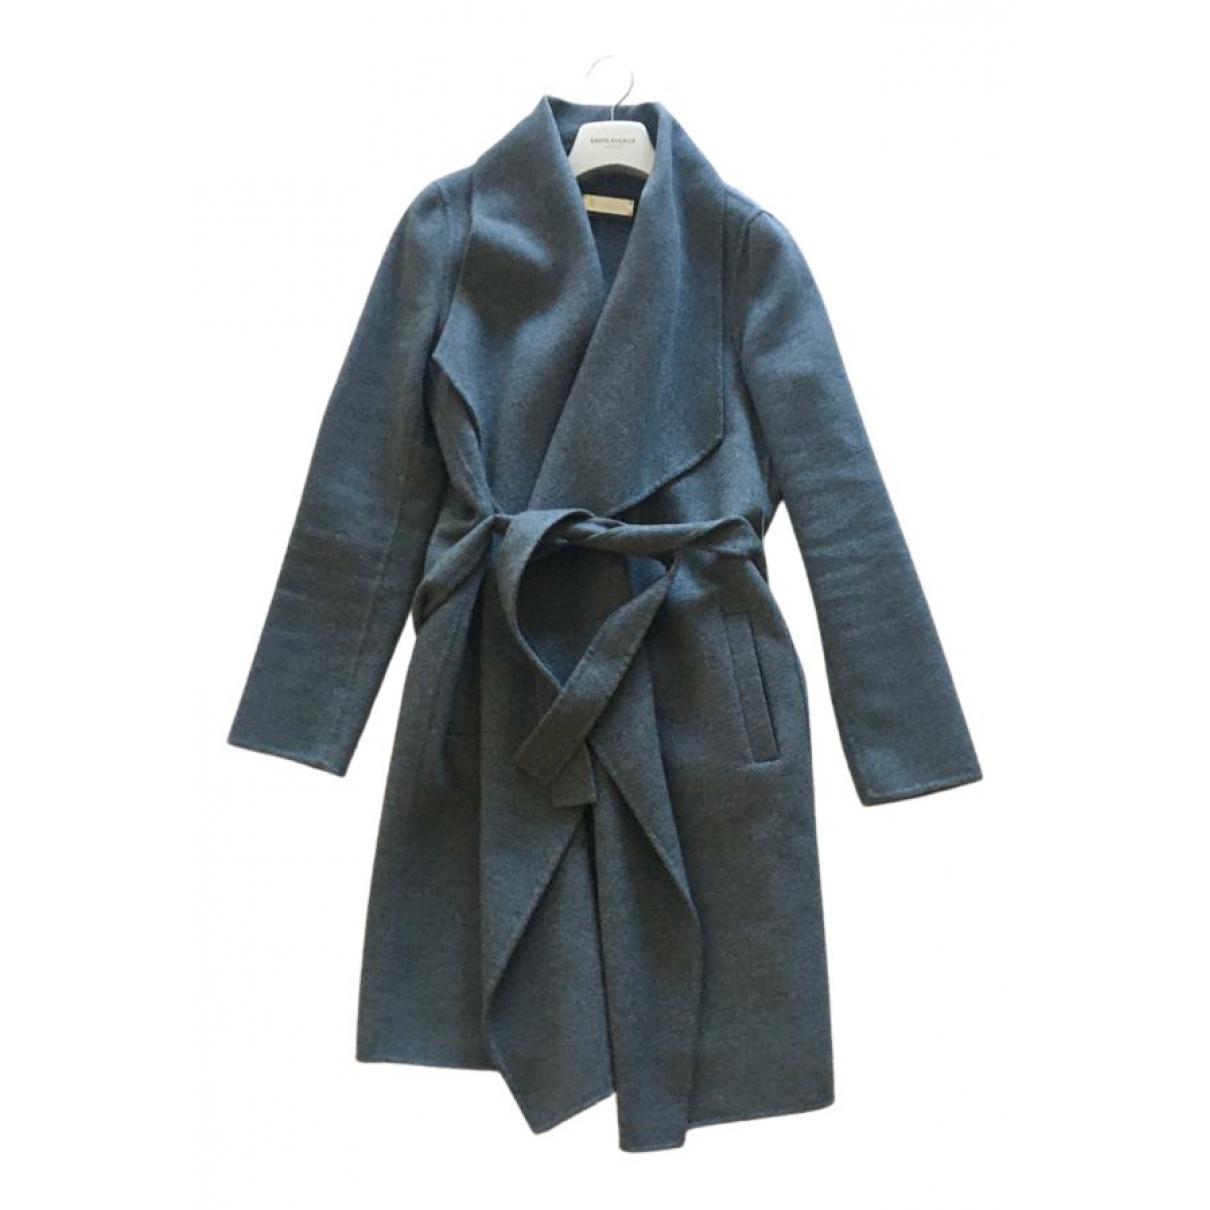 Massimo Dutti \N Maentel in  Grau Wolle